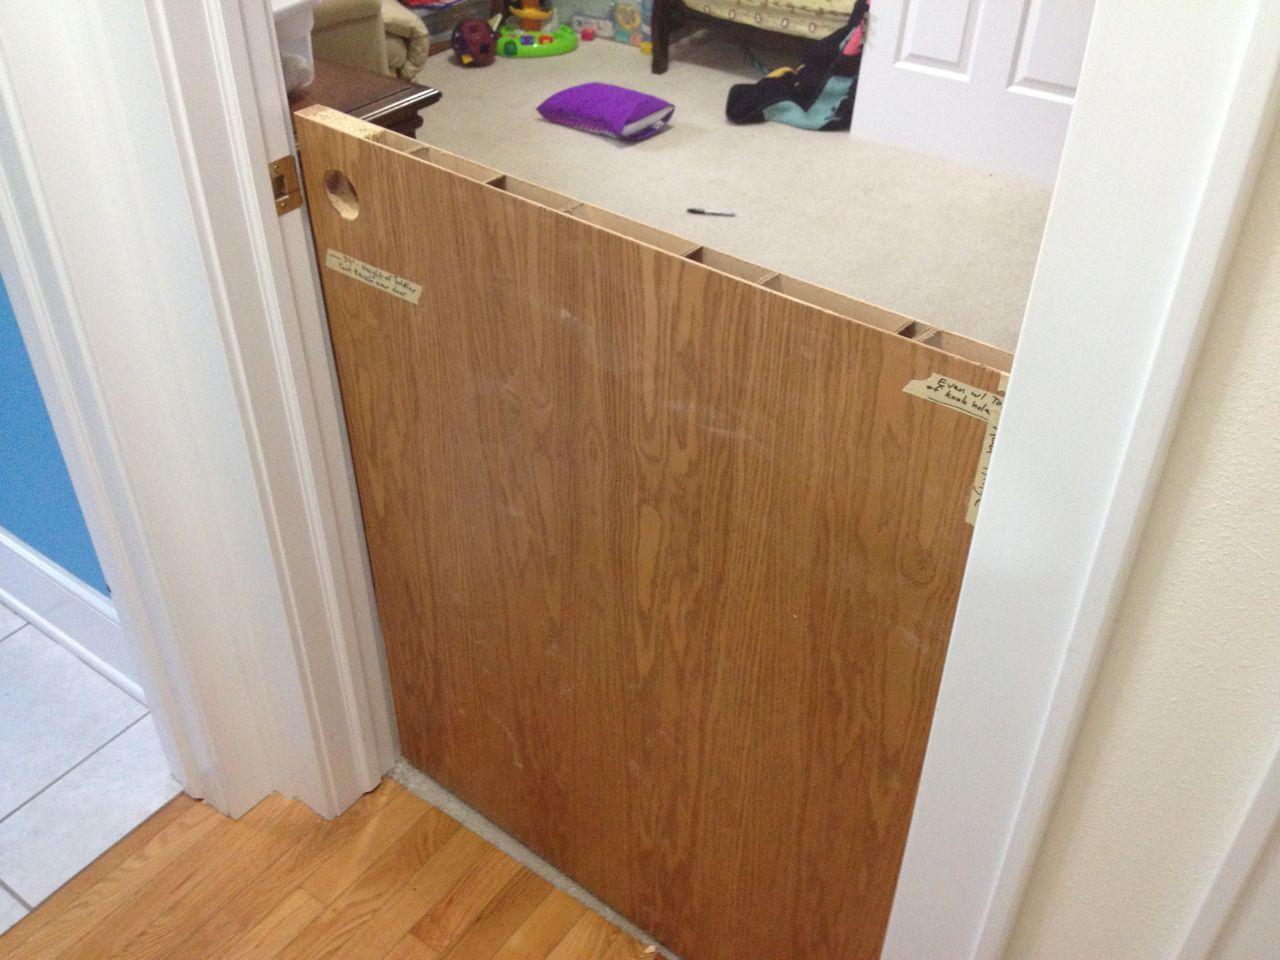 Picture of Cut Door in Half